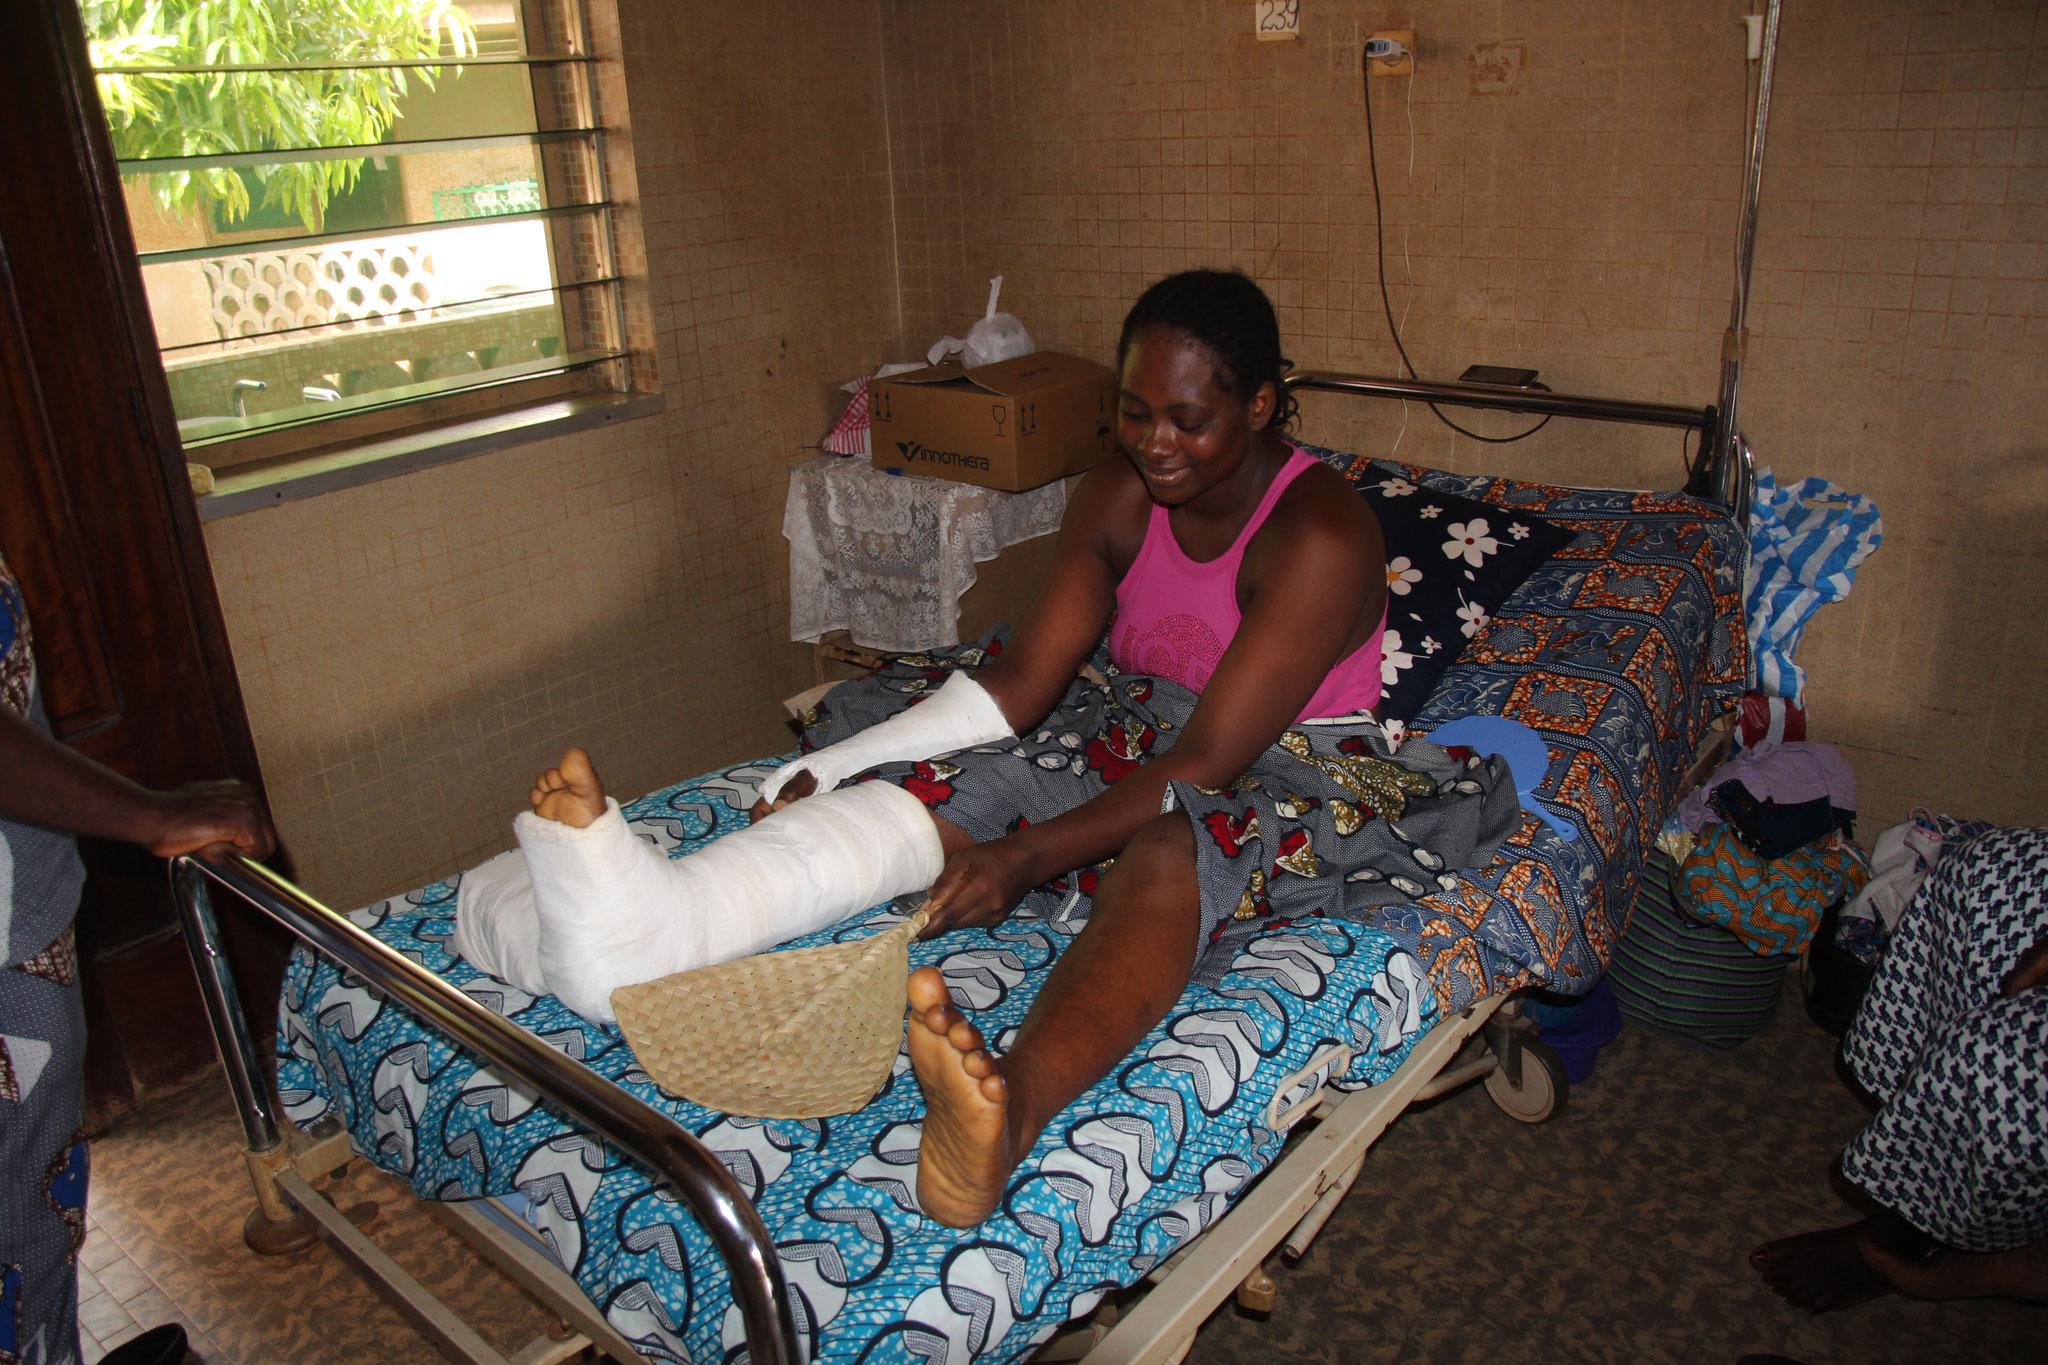 Patientin im Spital Afagnan mit Beinbruch, Armbruch und Hüftproblemen nach Unfall mit Motorradtaxi.